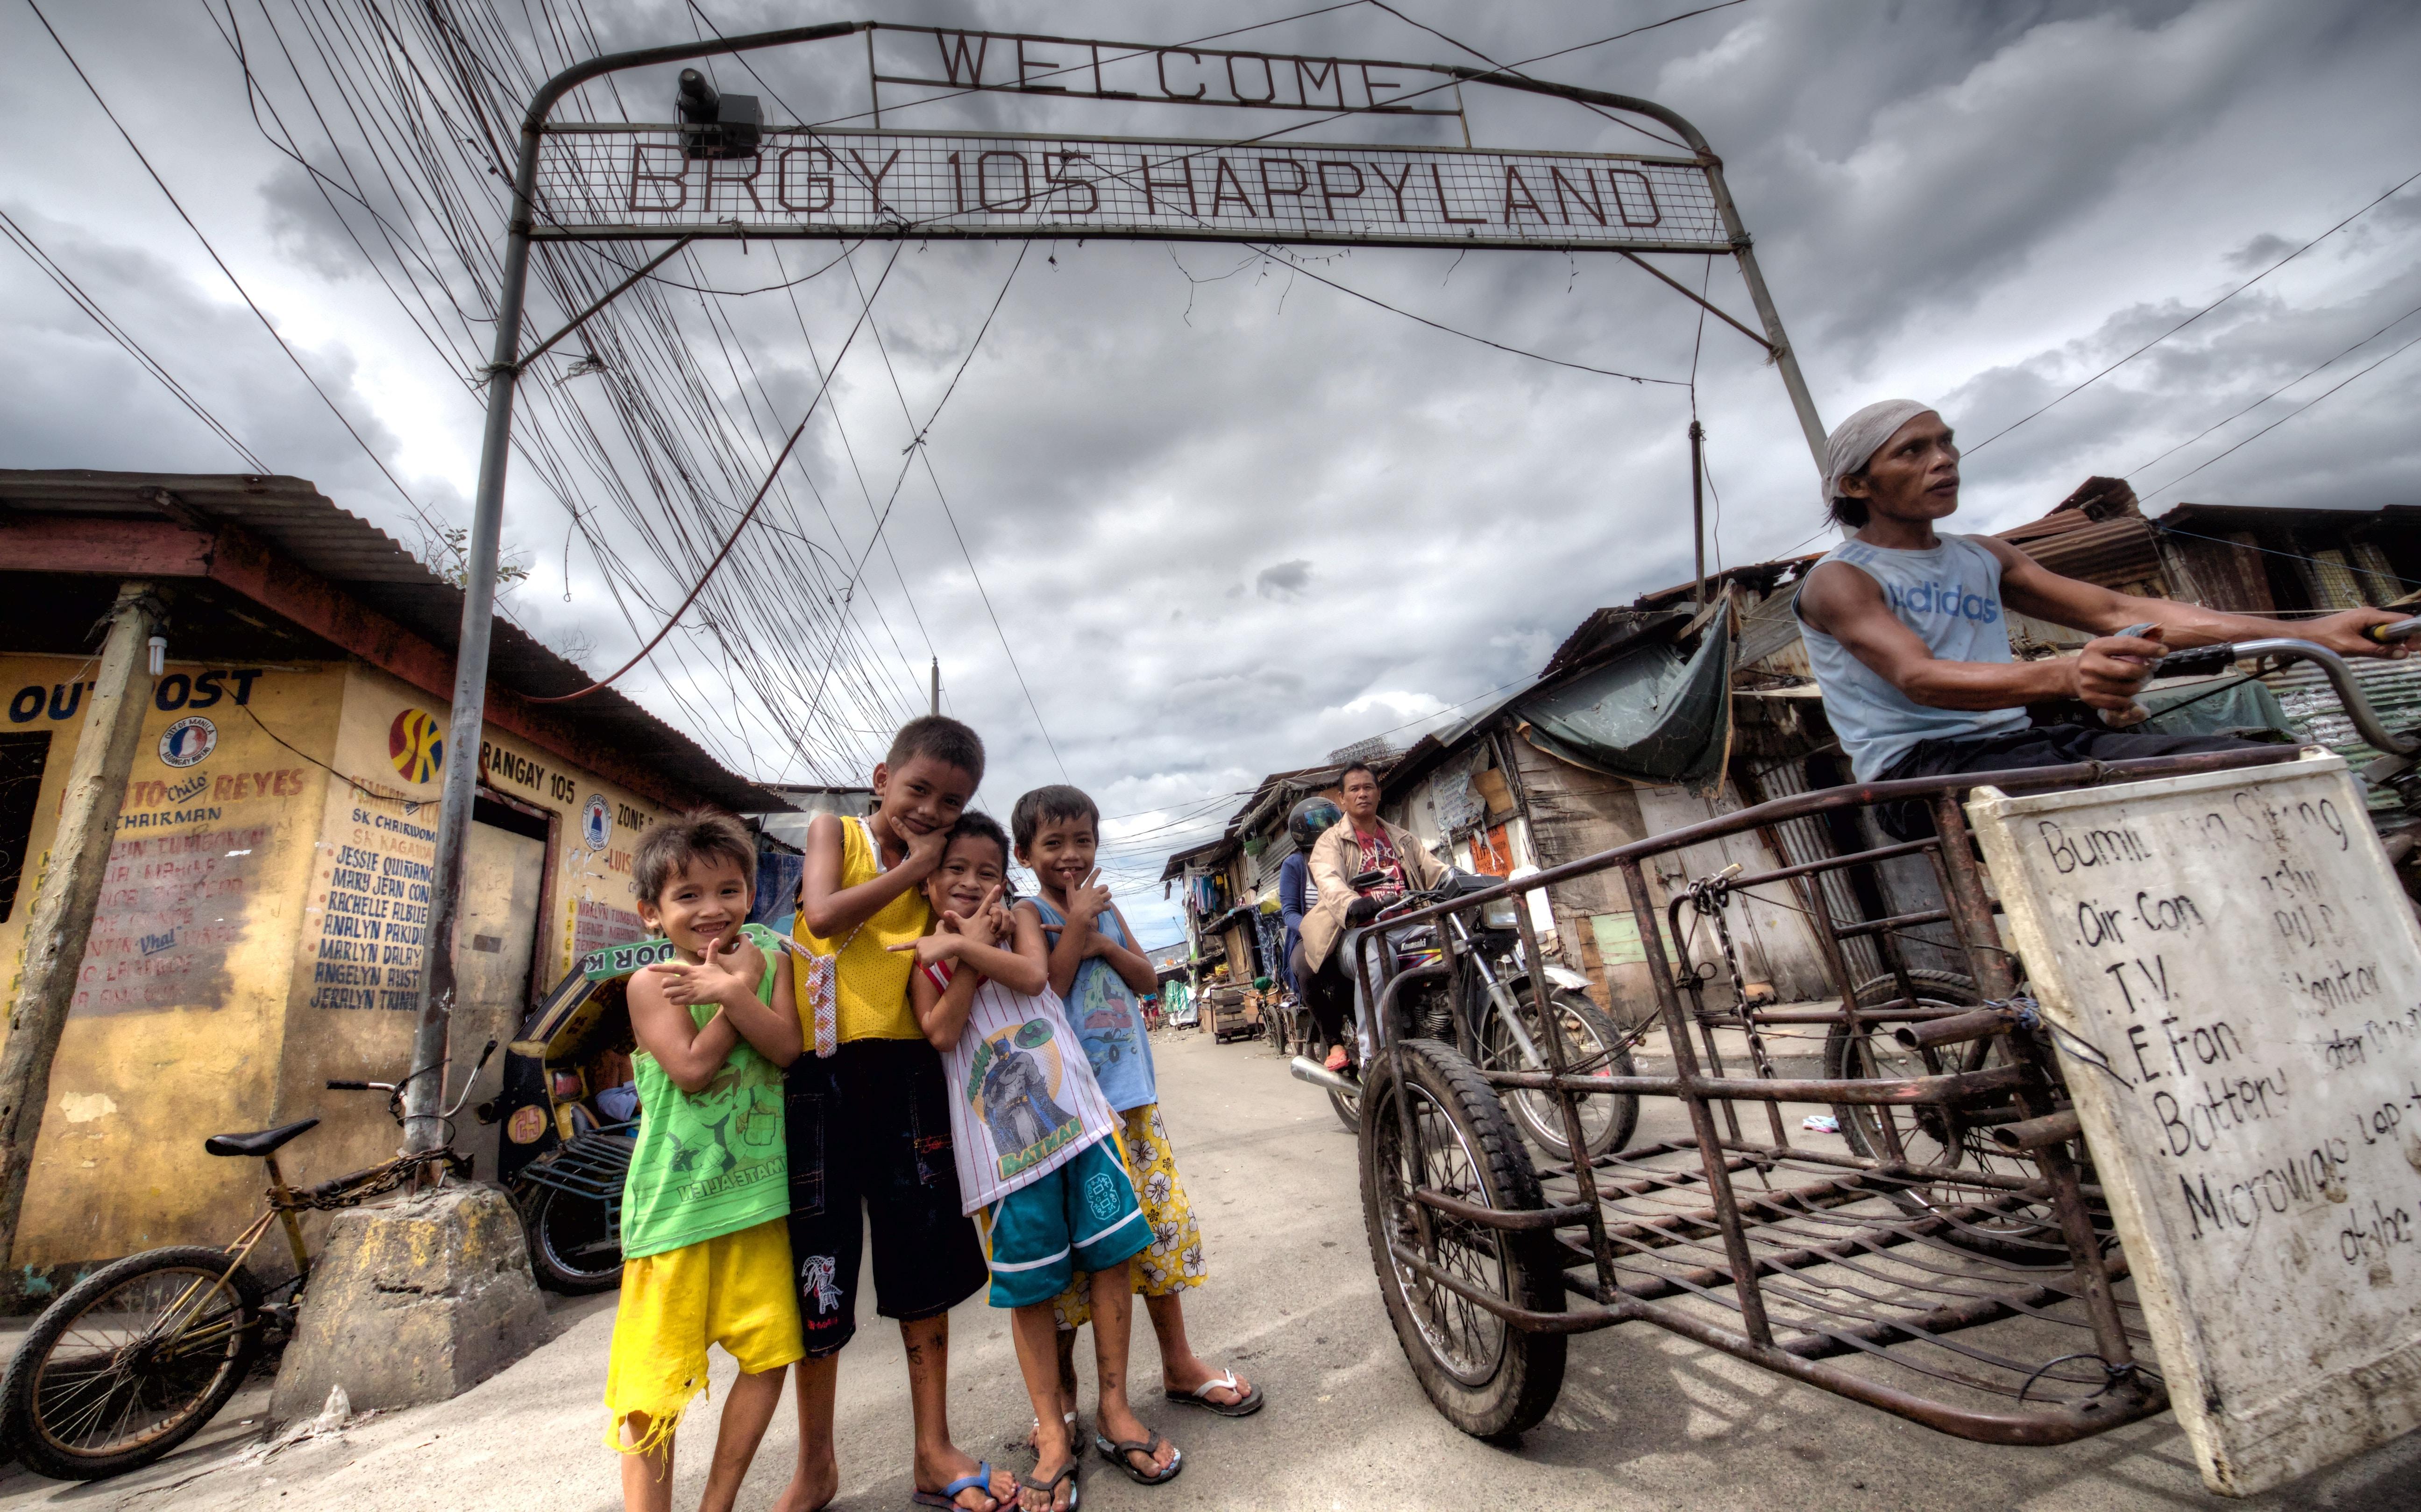 kids taking picture under barangay happyland signage